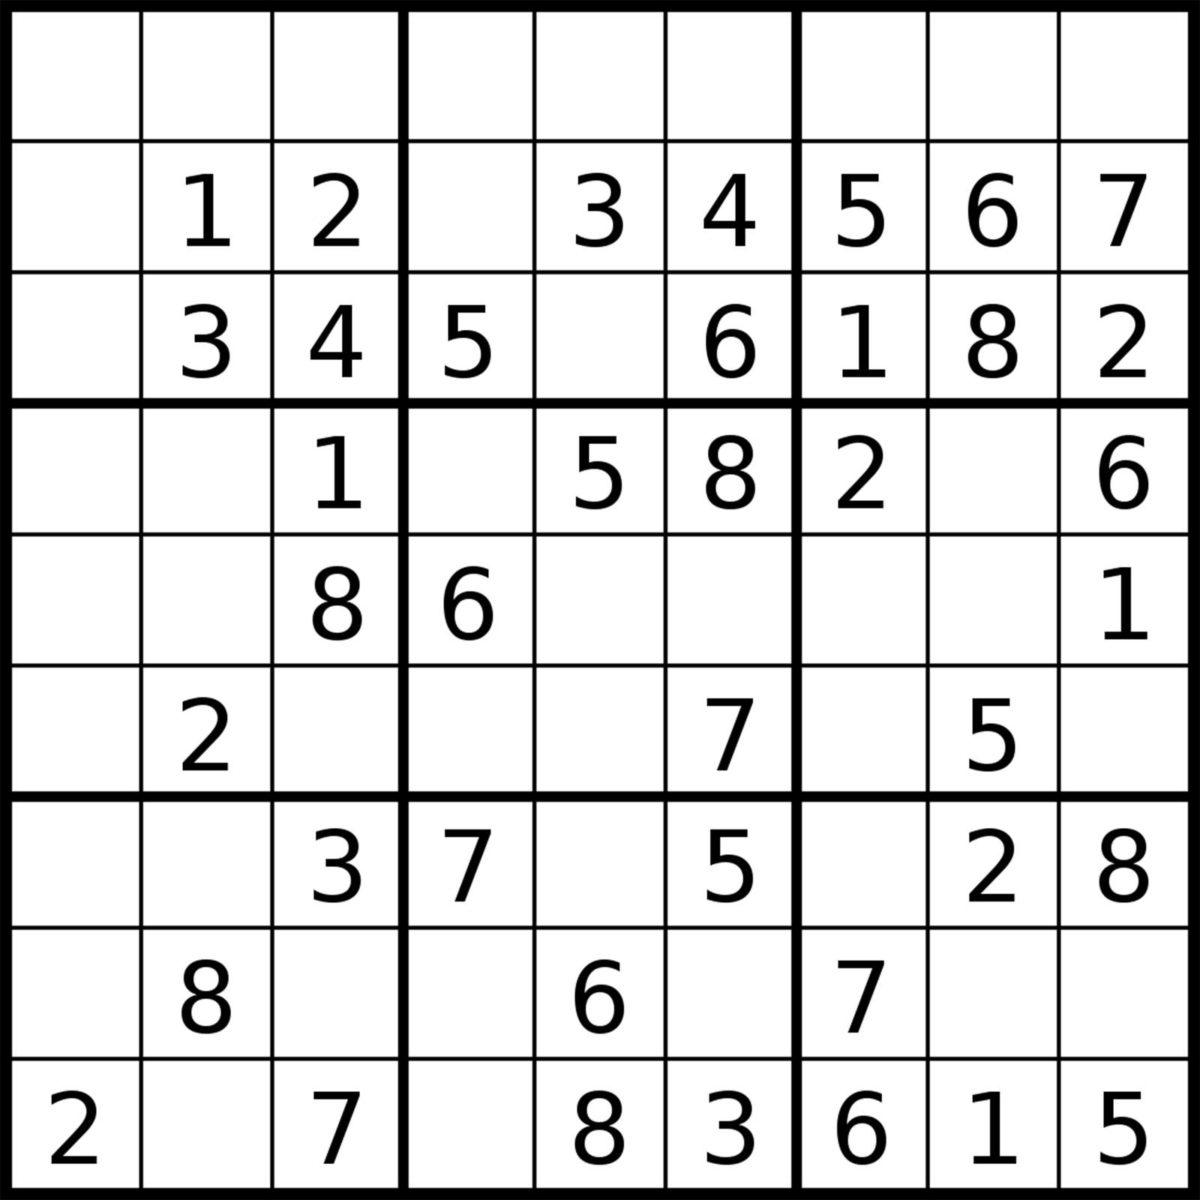 Les Jeux De Sudoku Pour L'été - Family Sphere - Garde D intérieur Jeux Sudoku À Imprimer